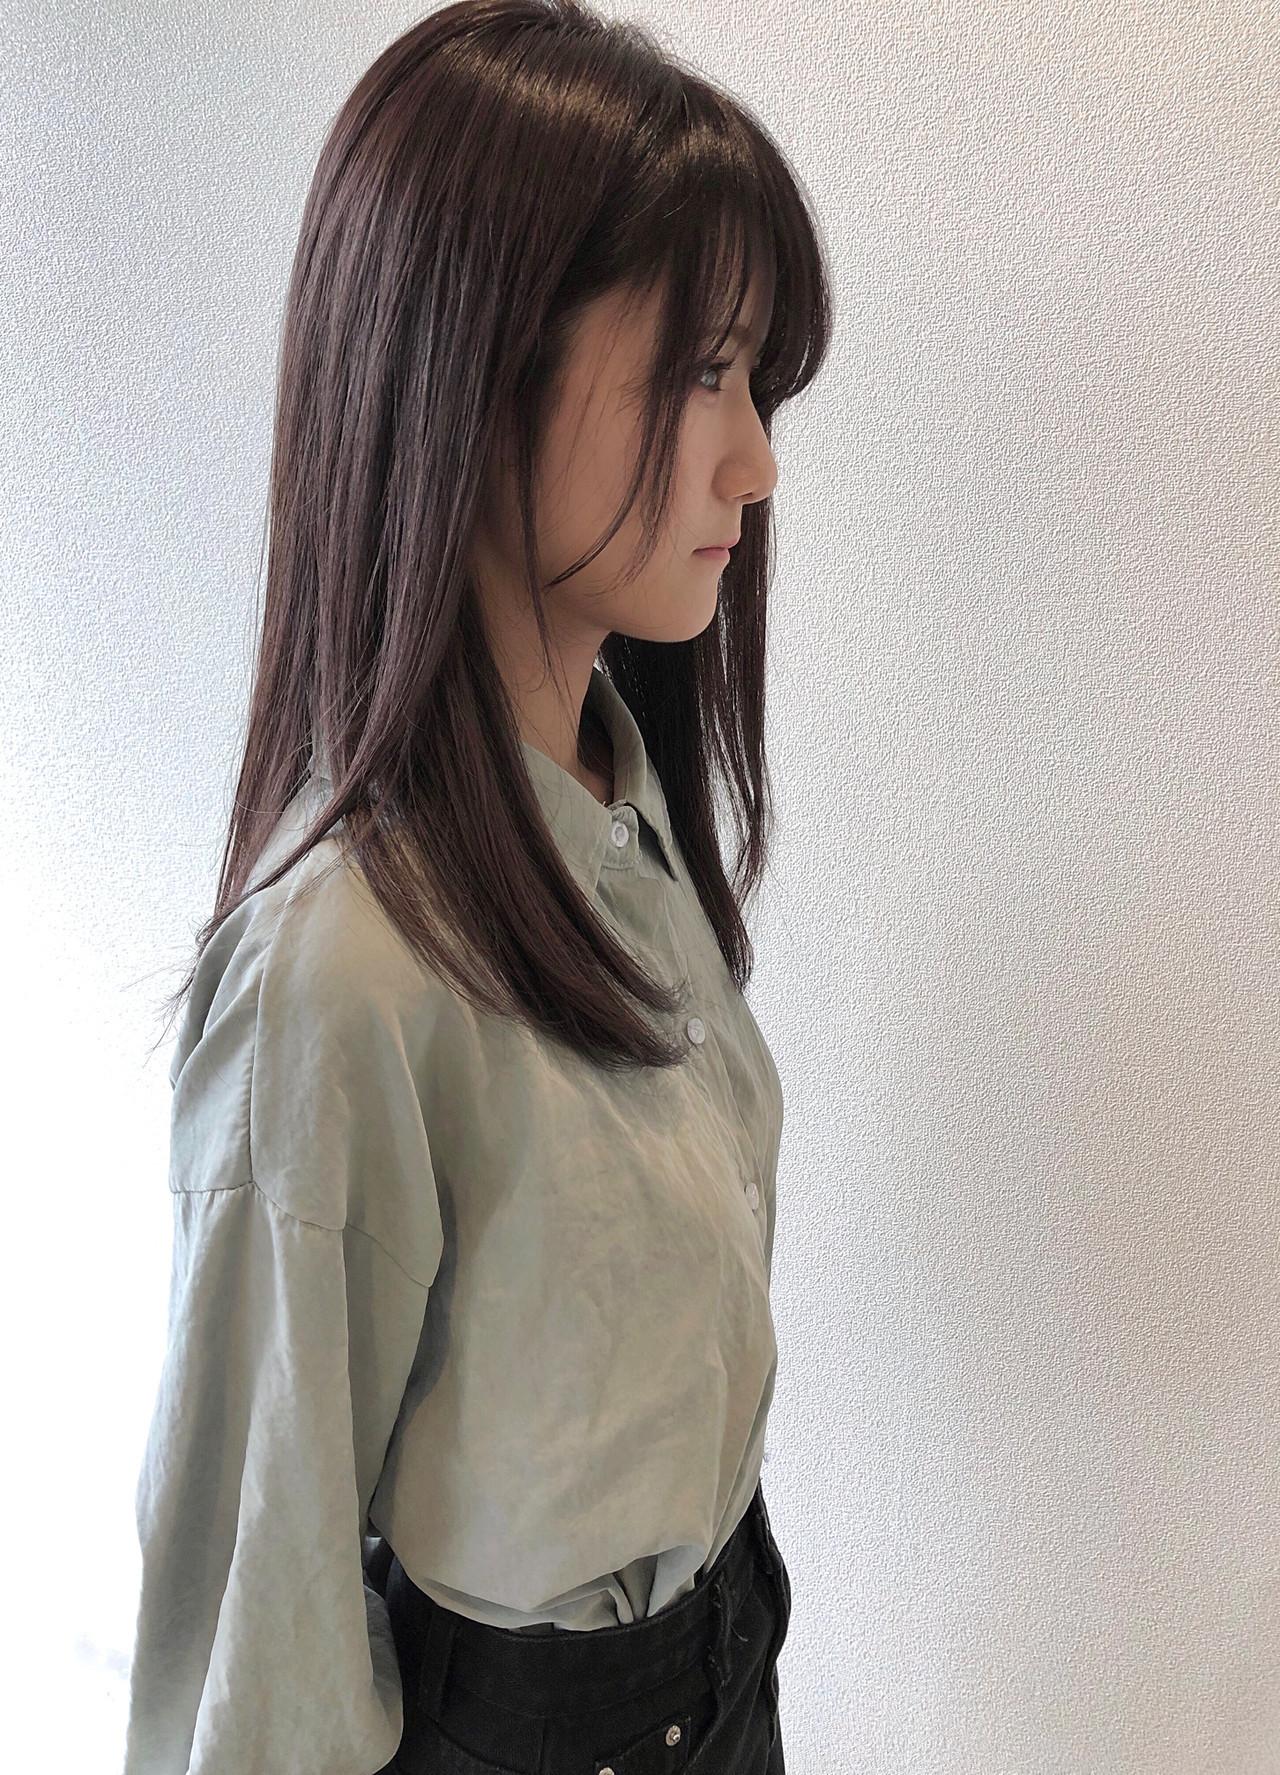 知的で清楚な美カラーのダークブラウン 田中 祐樹